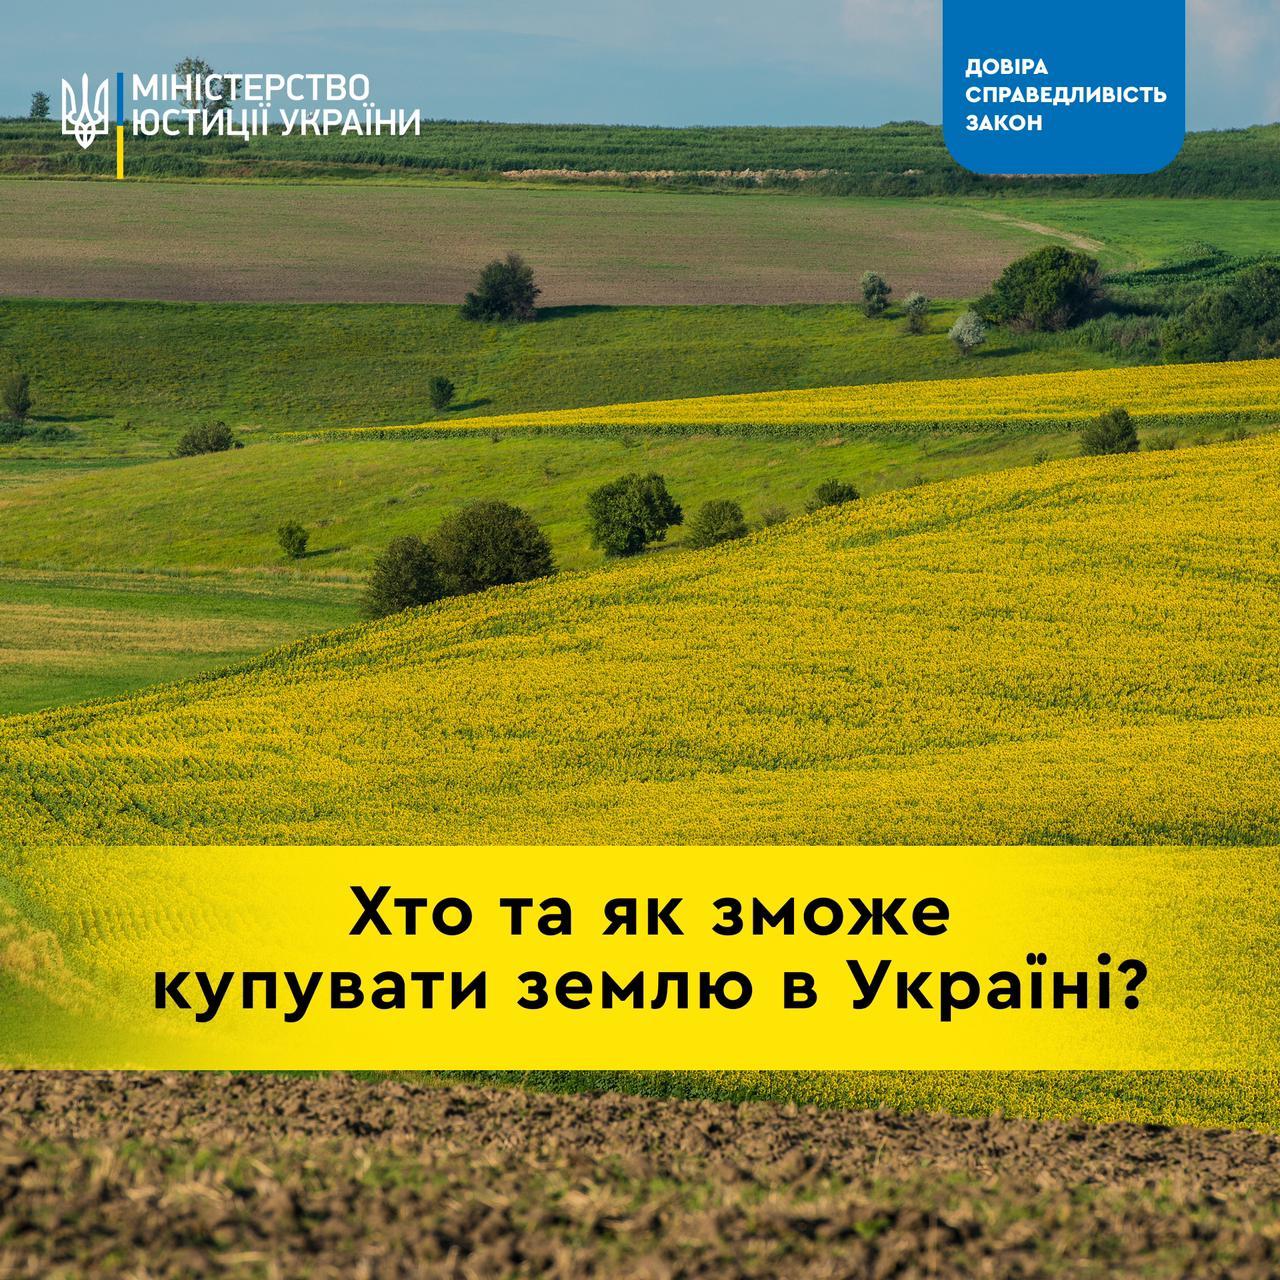 Хто зможе купувати землю в Україні з 1 липня